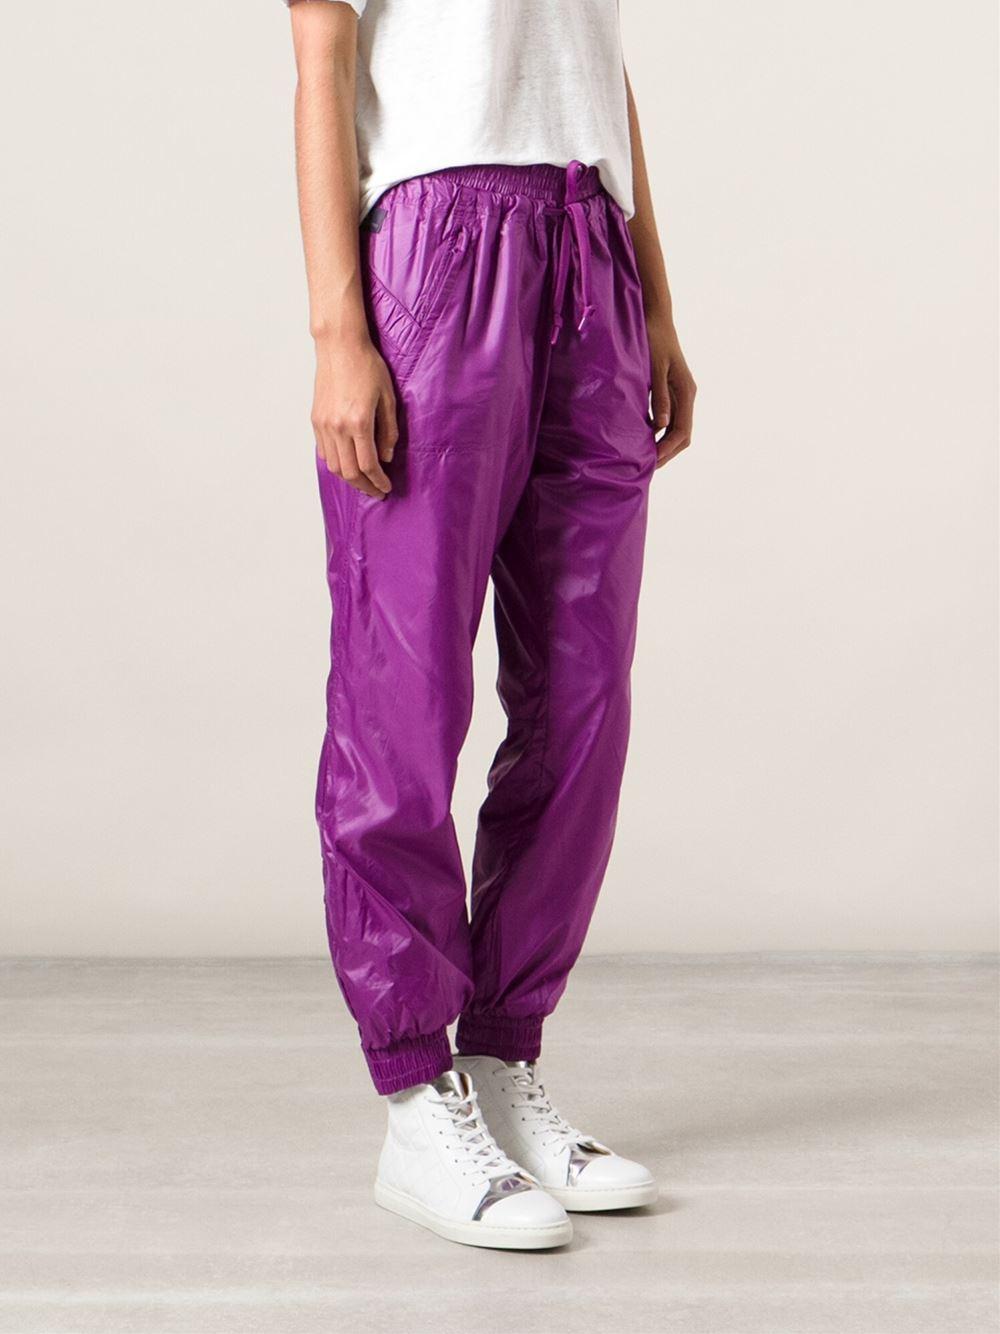 adidas pants drawstring